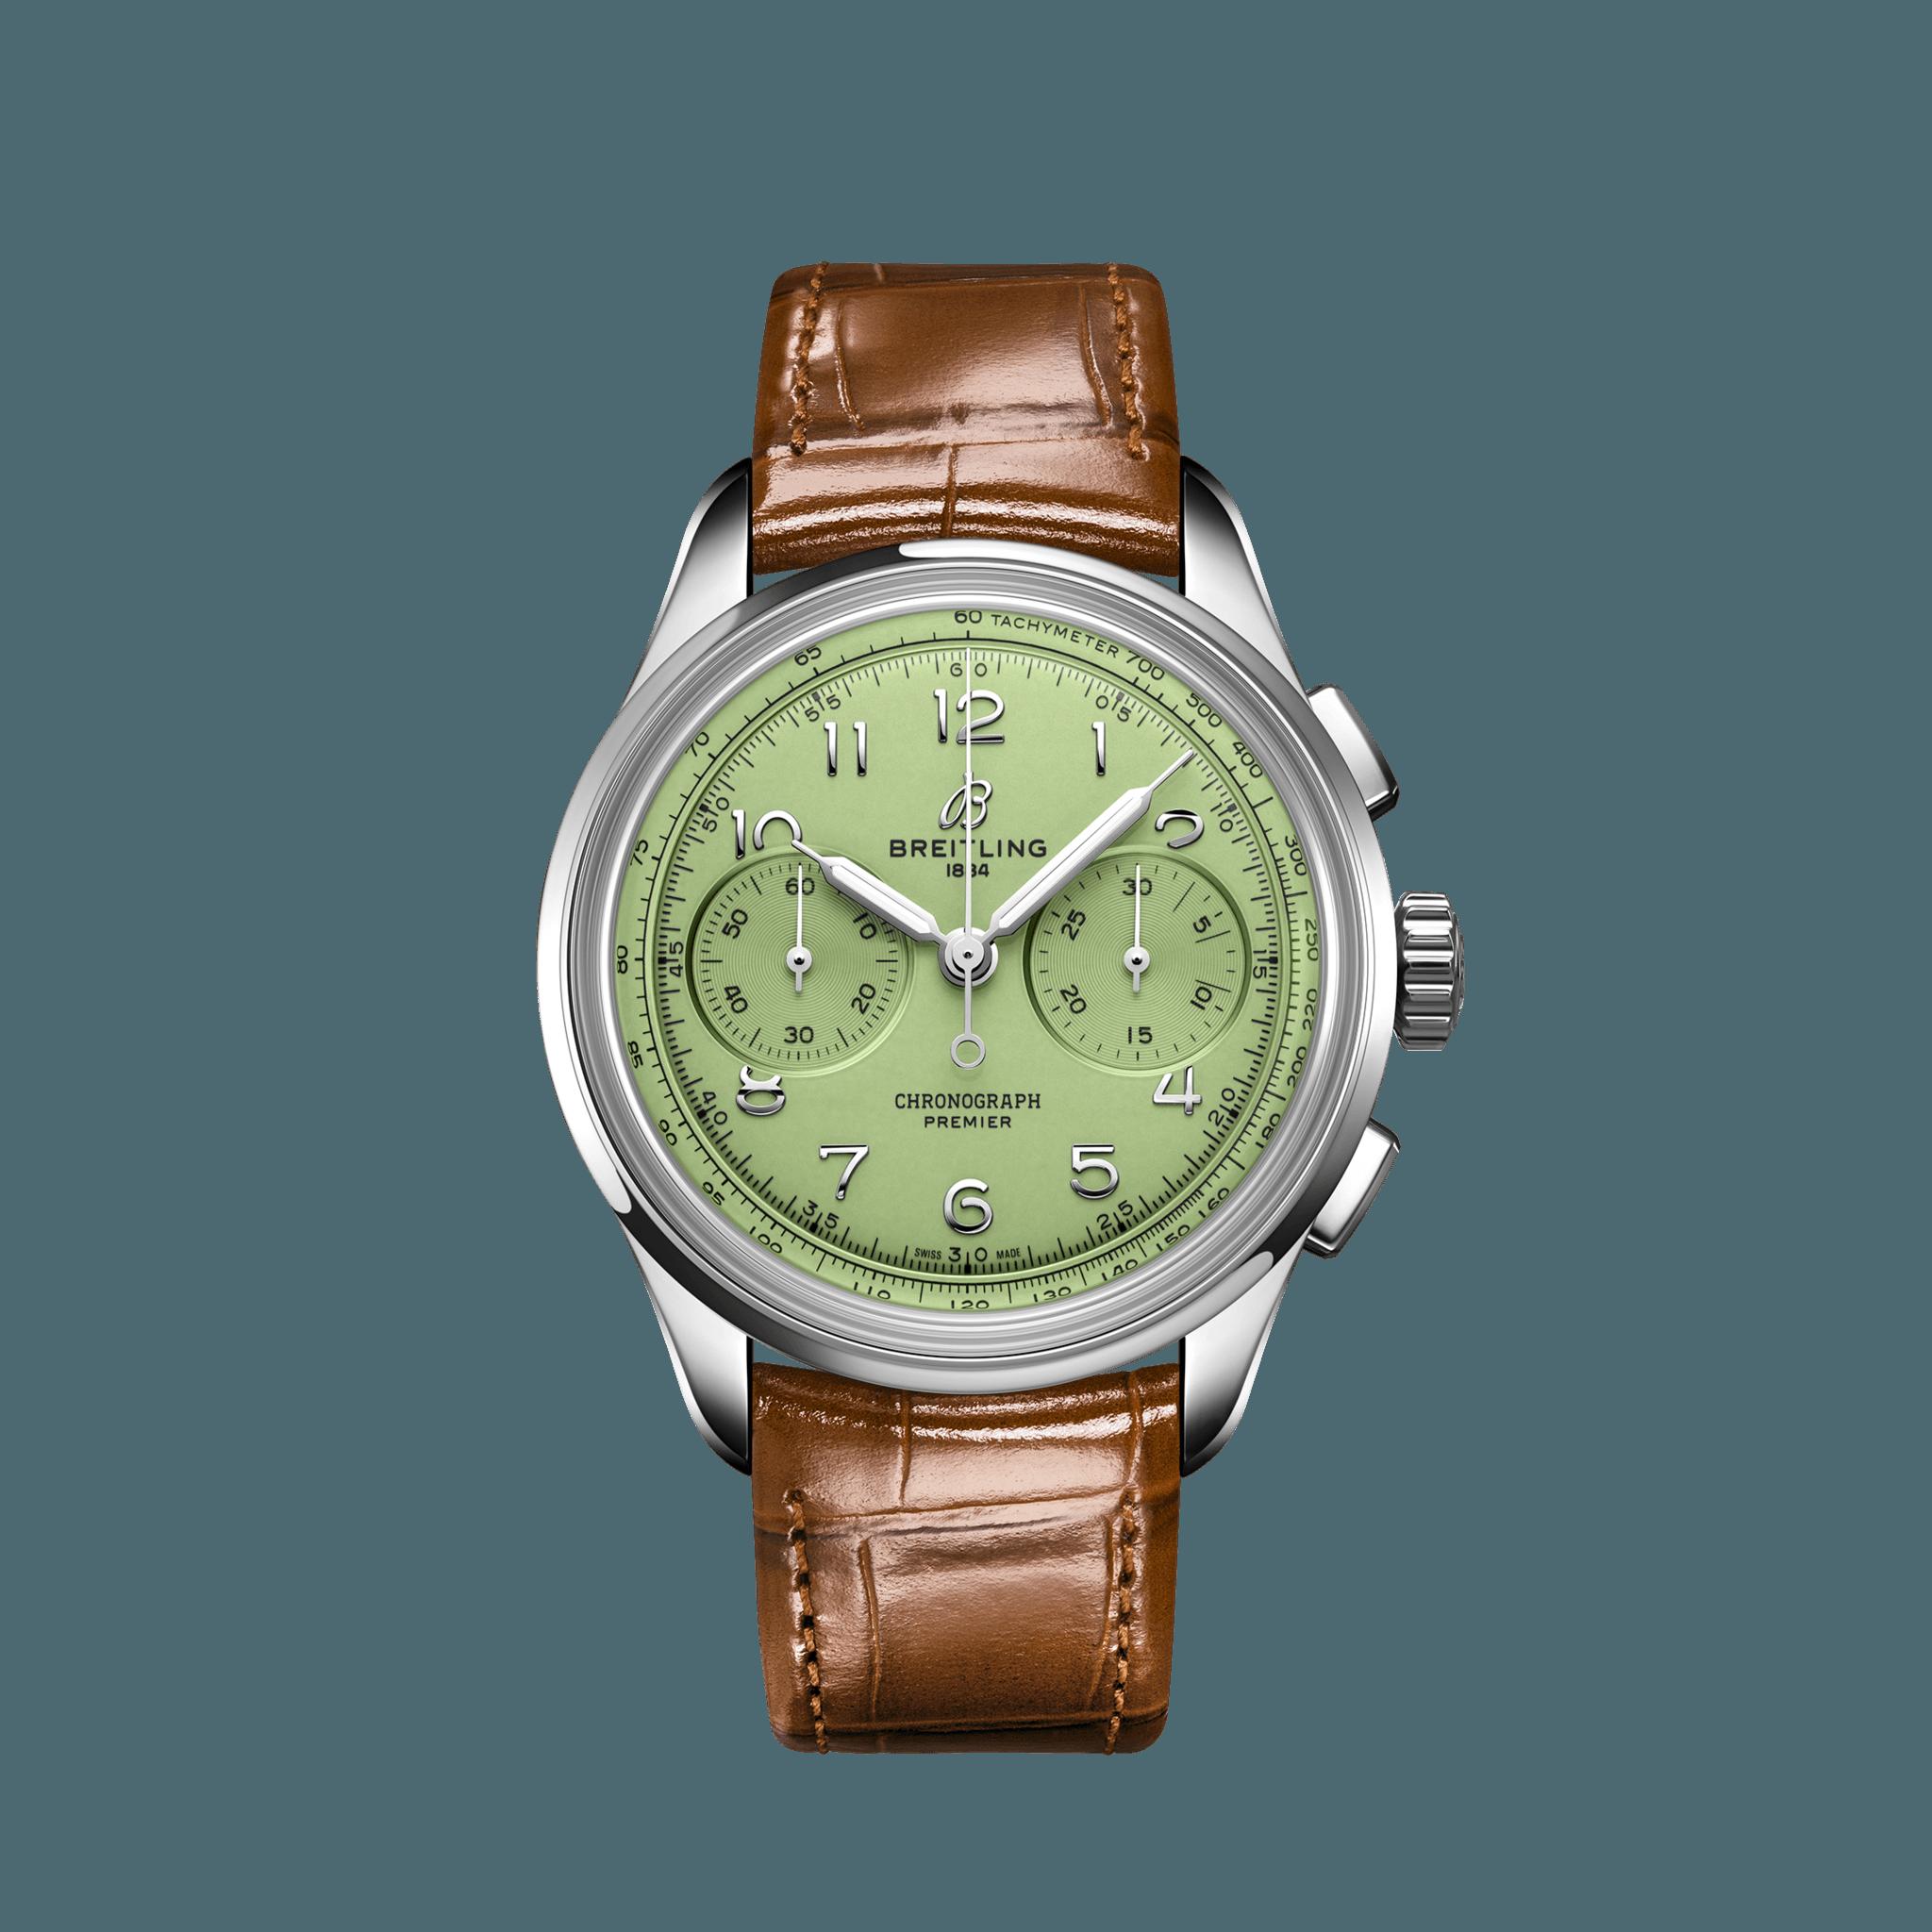 ab0930d31l1p1-premier-b09-chronograph-40